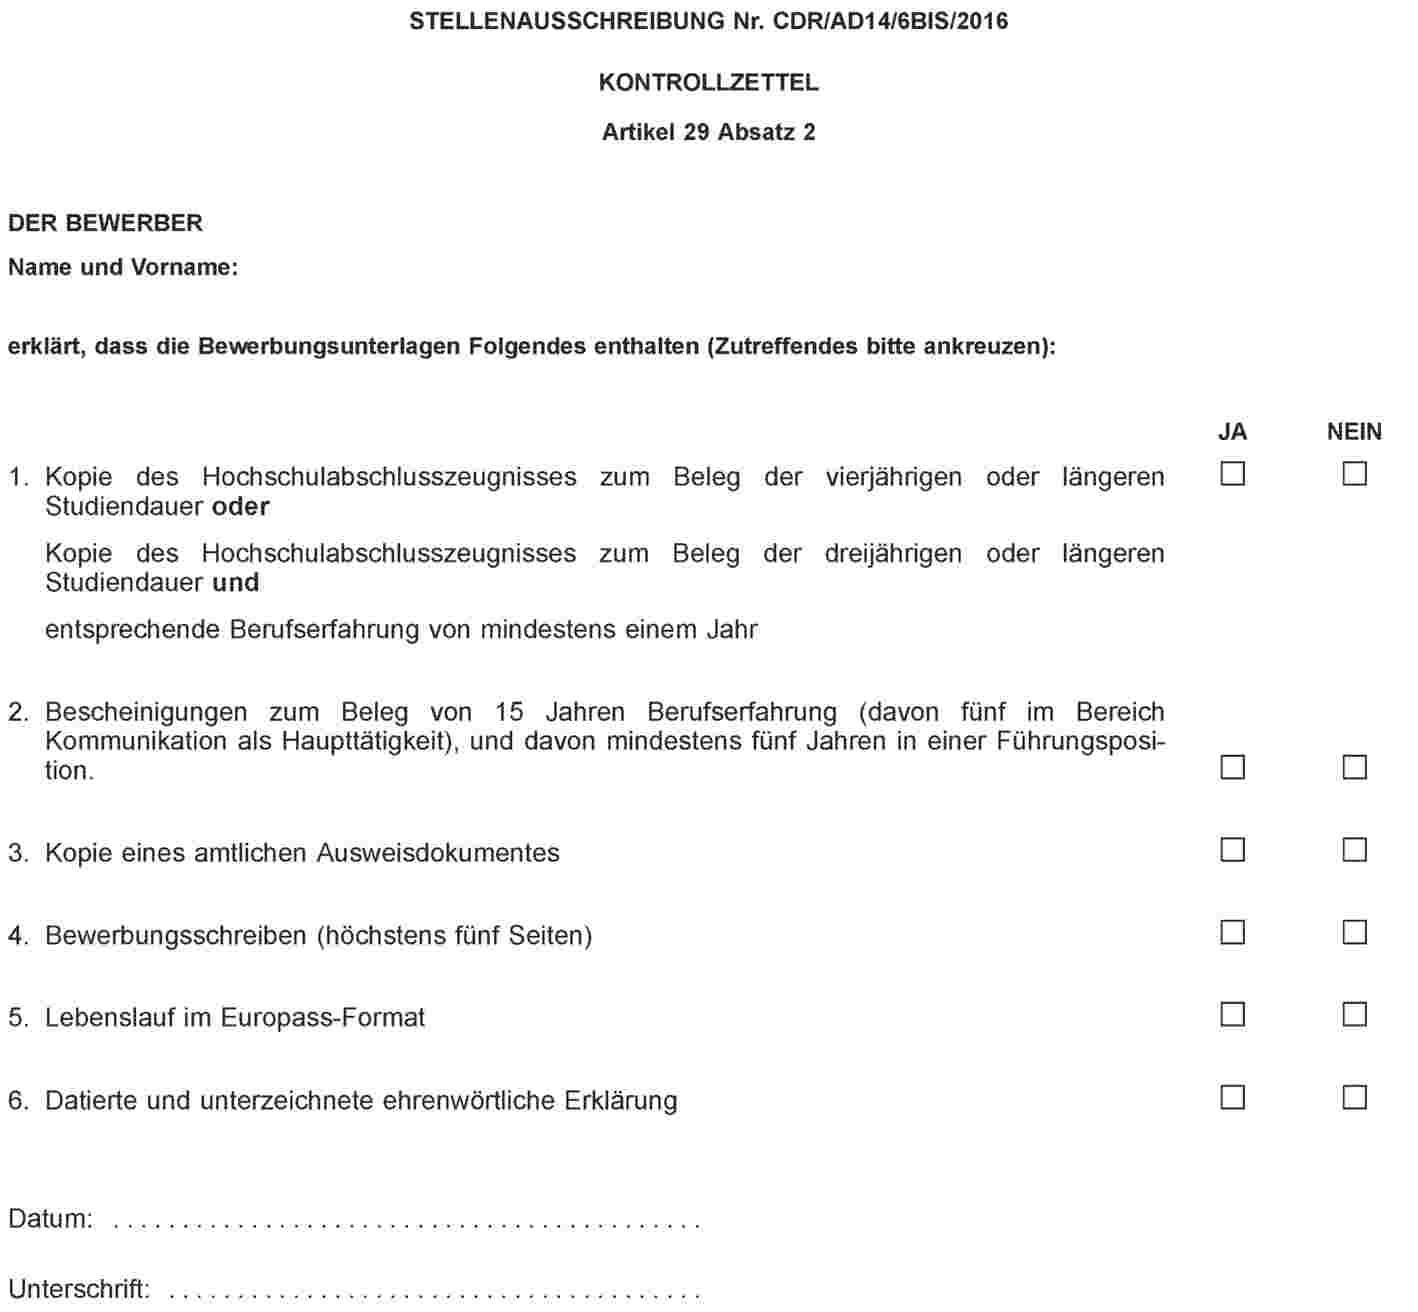 EUR-Lex - C2016/052A/01 - EN - EUR-Lex